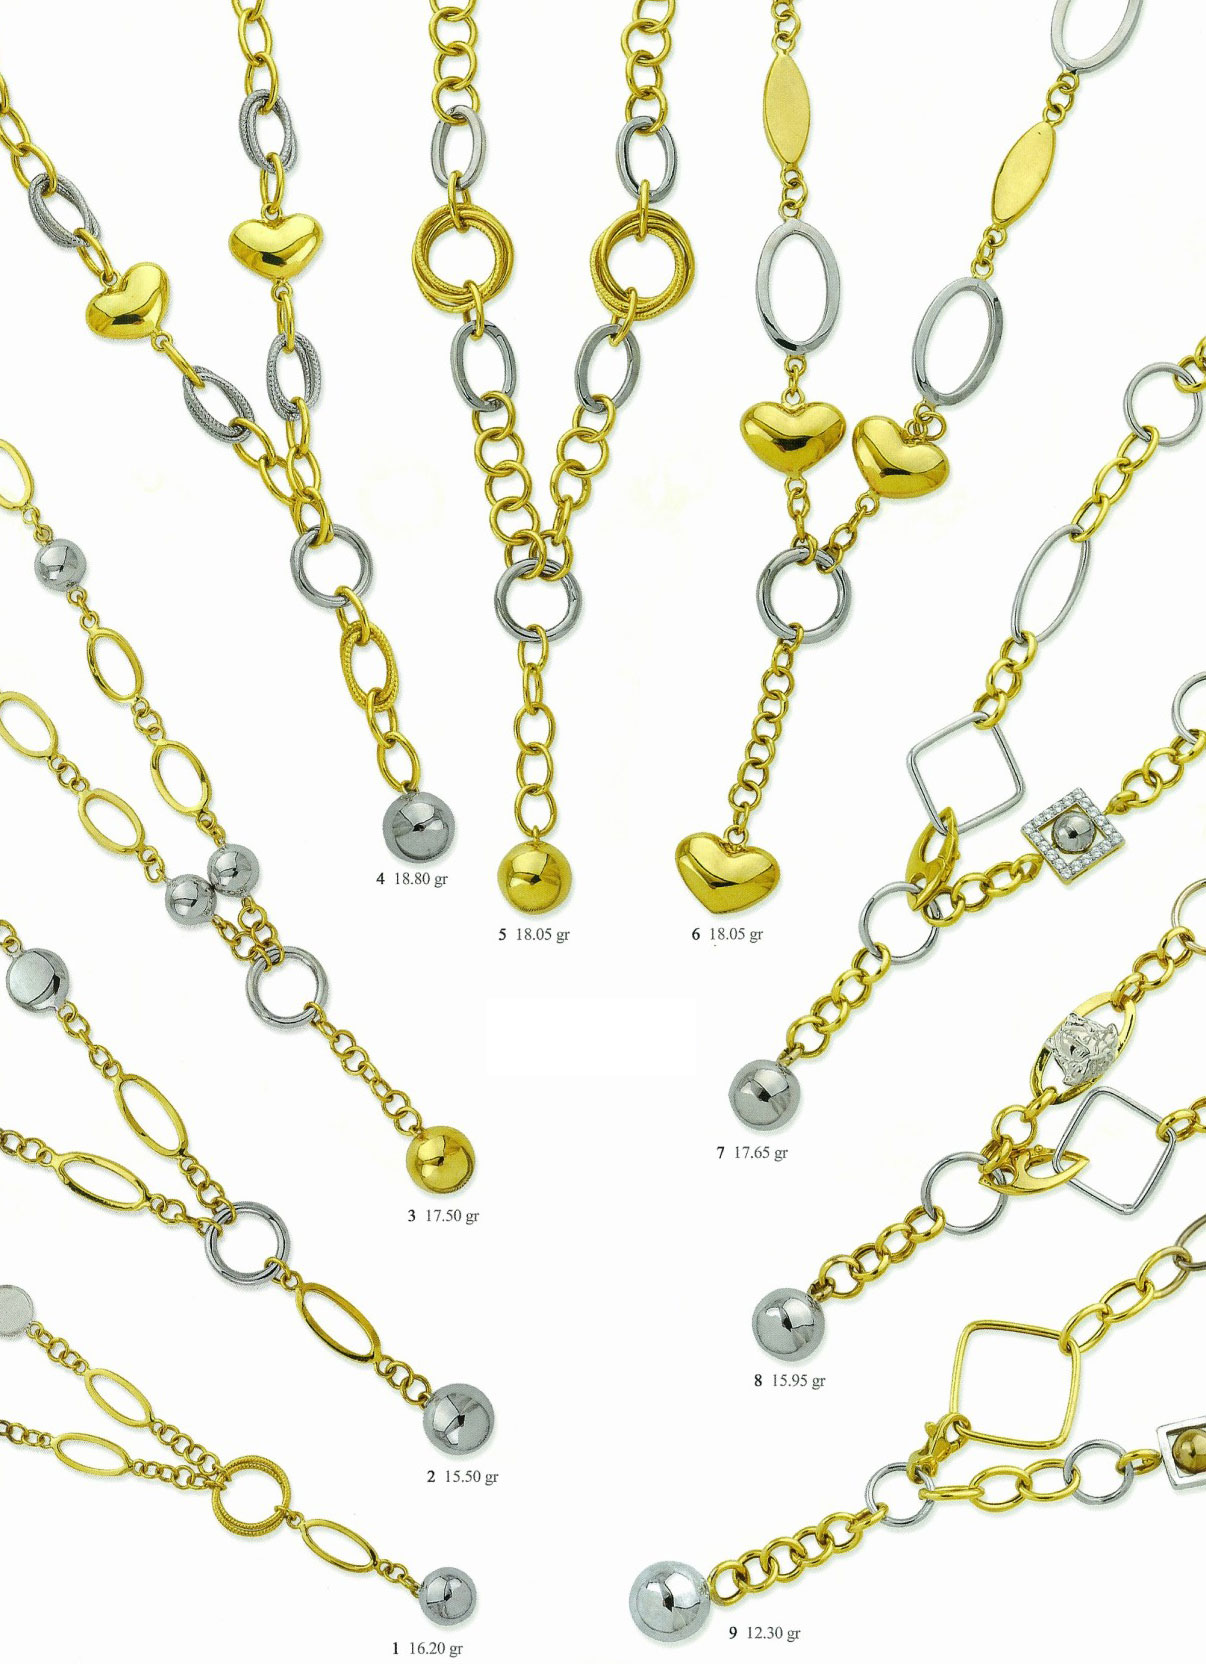 12_necklaces_M1